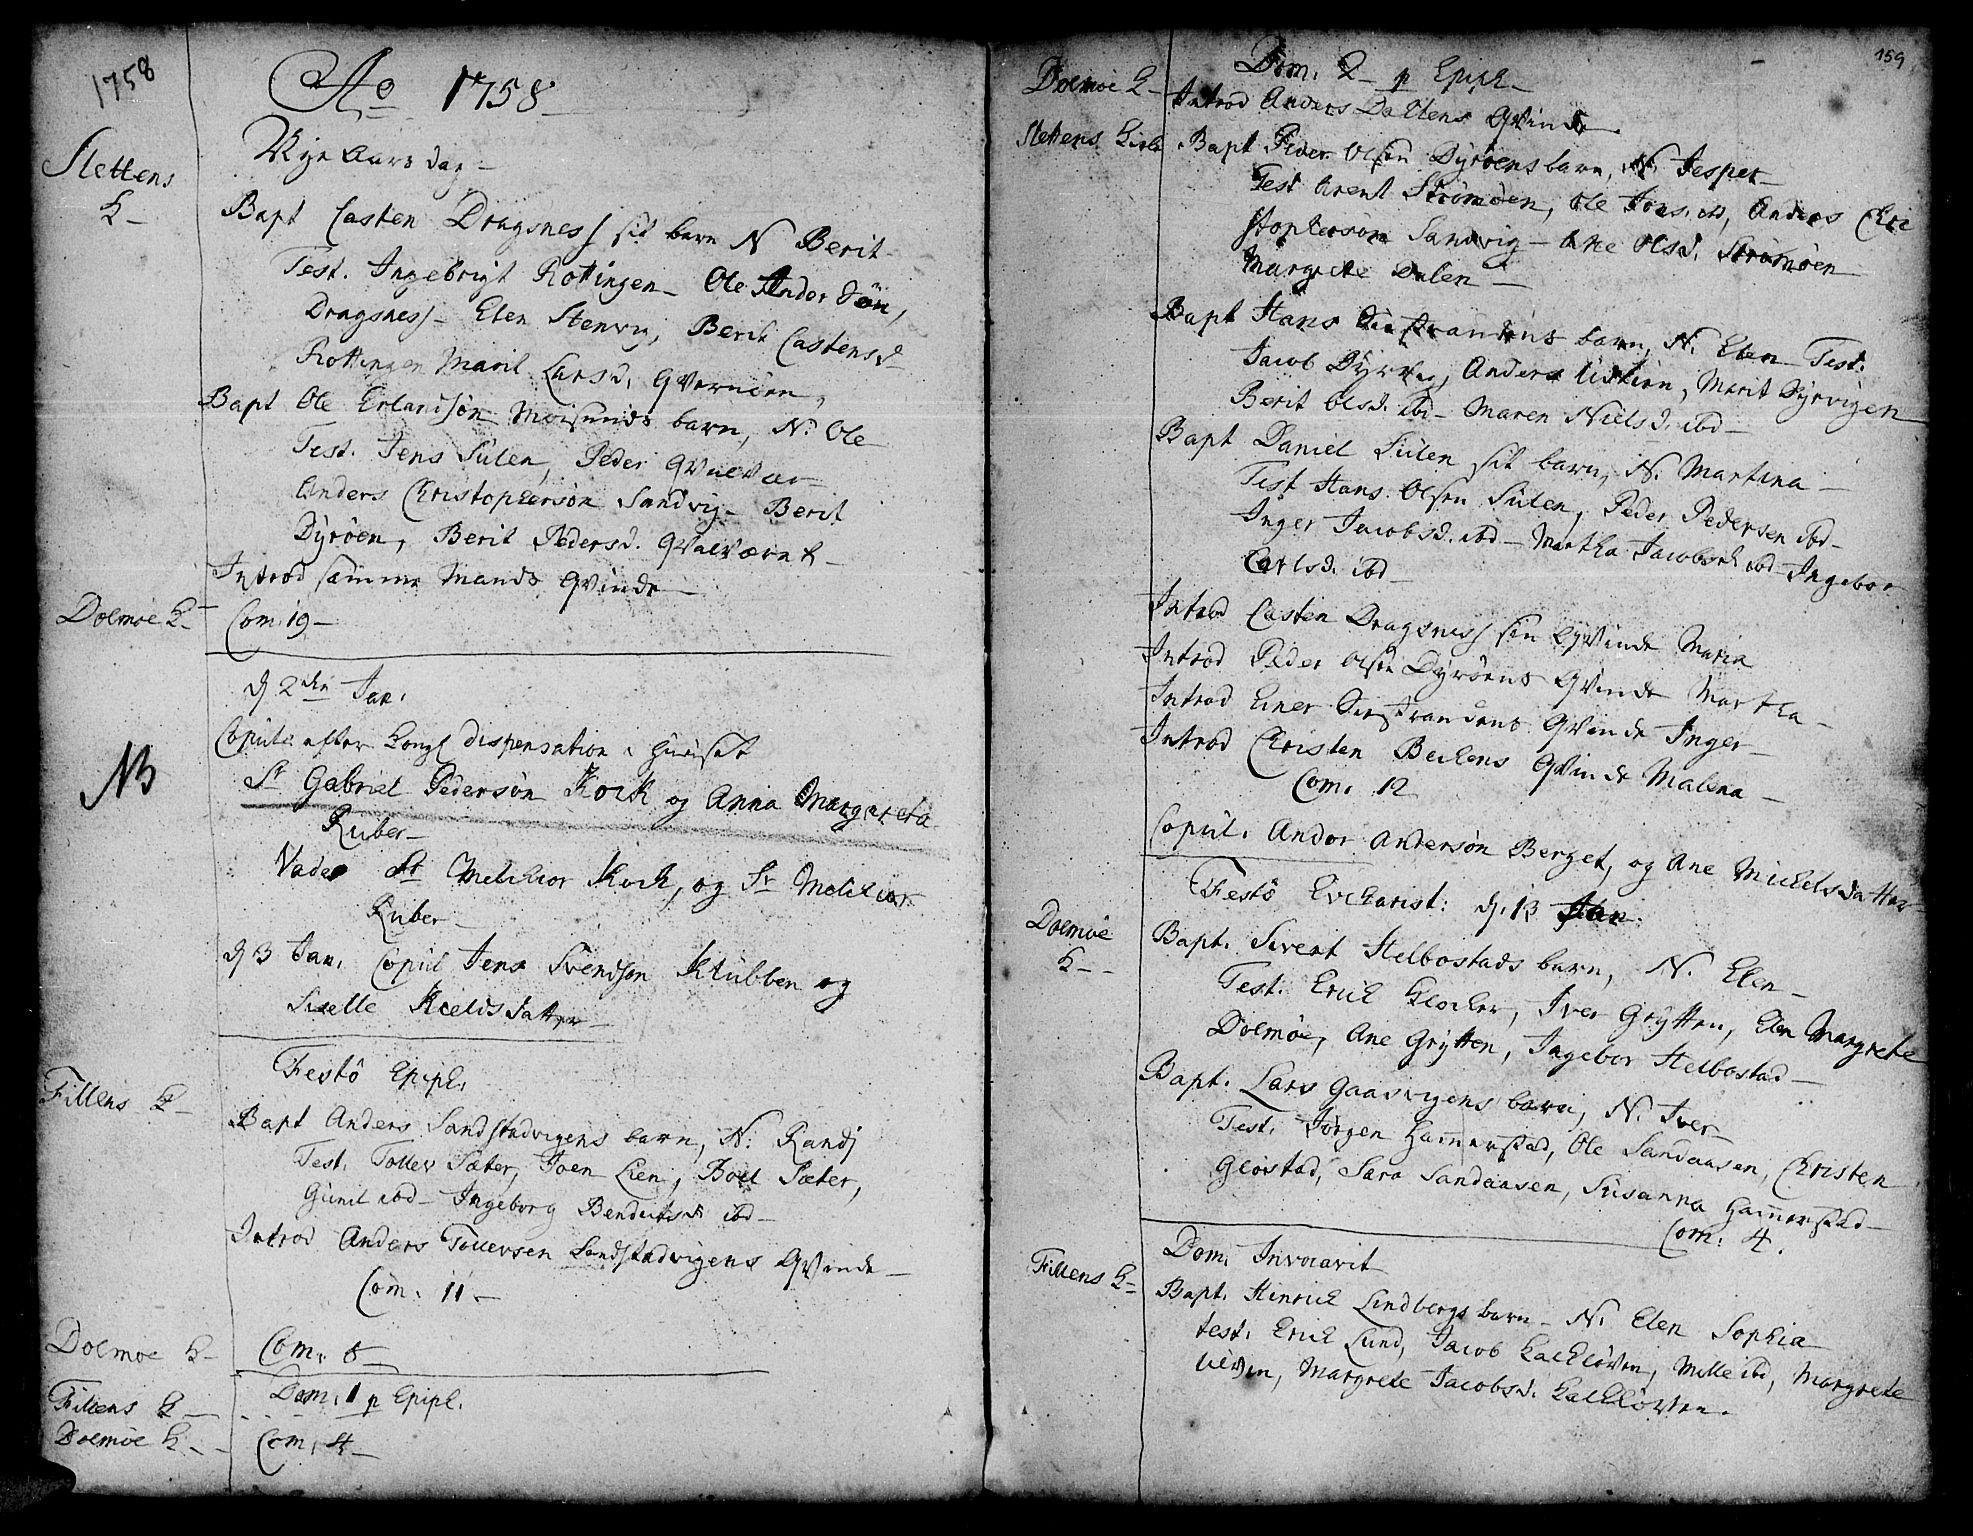 SAT, Ministerialprotokoller, klokkerbøker og fødselsregistre - Sør-Trøndelag, 634/L0525: Ministerialbok nr. 634A01, 1736-1775, s. 159